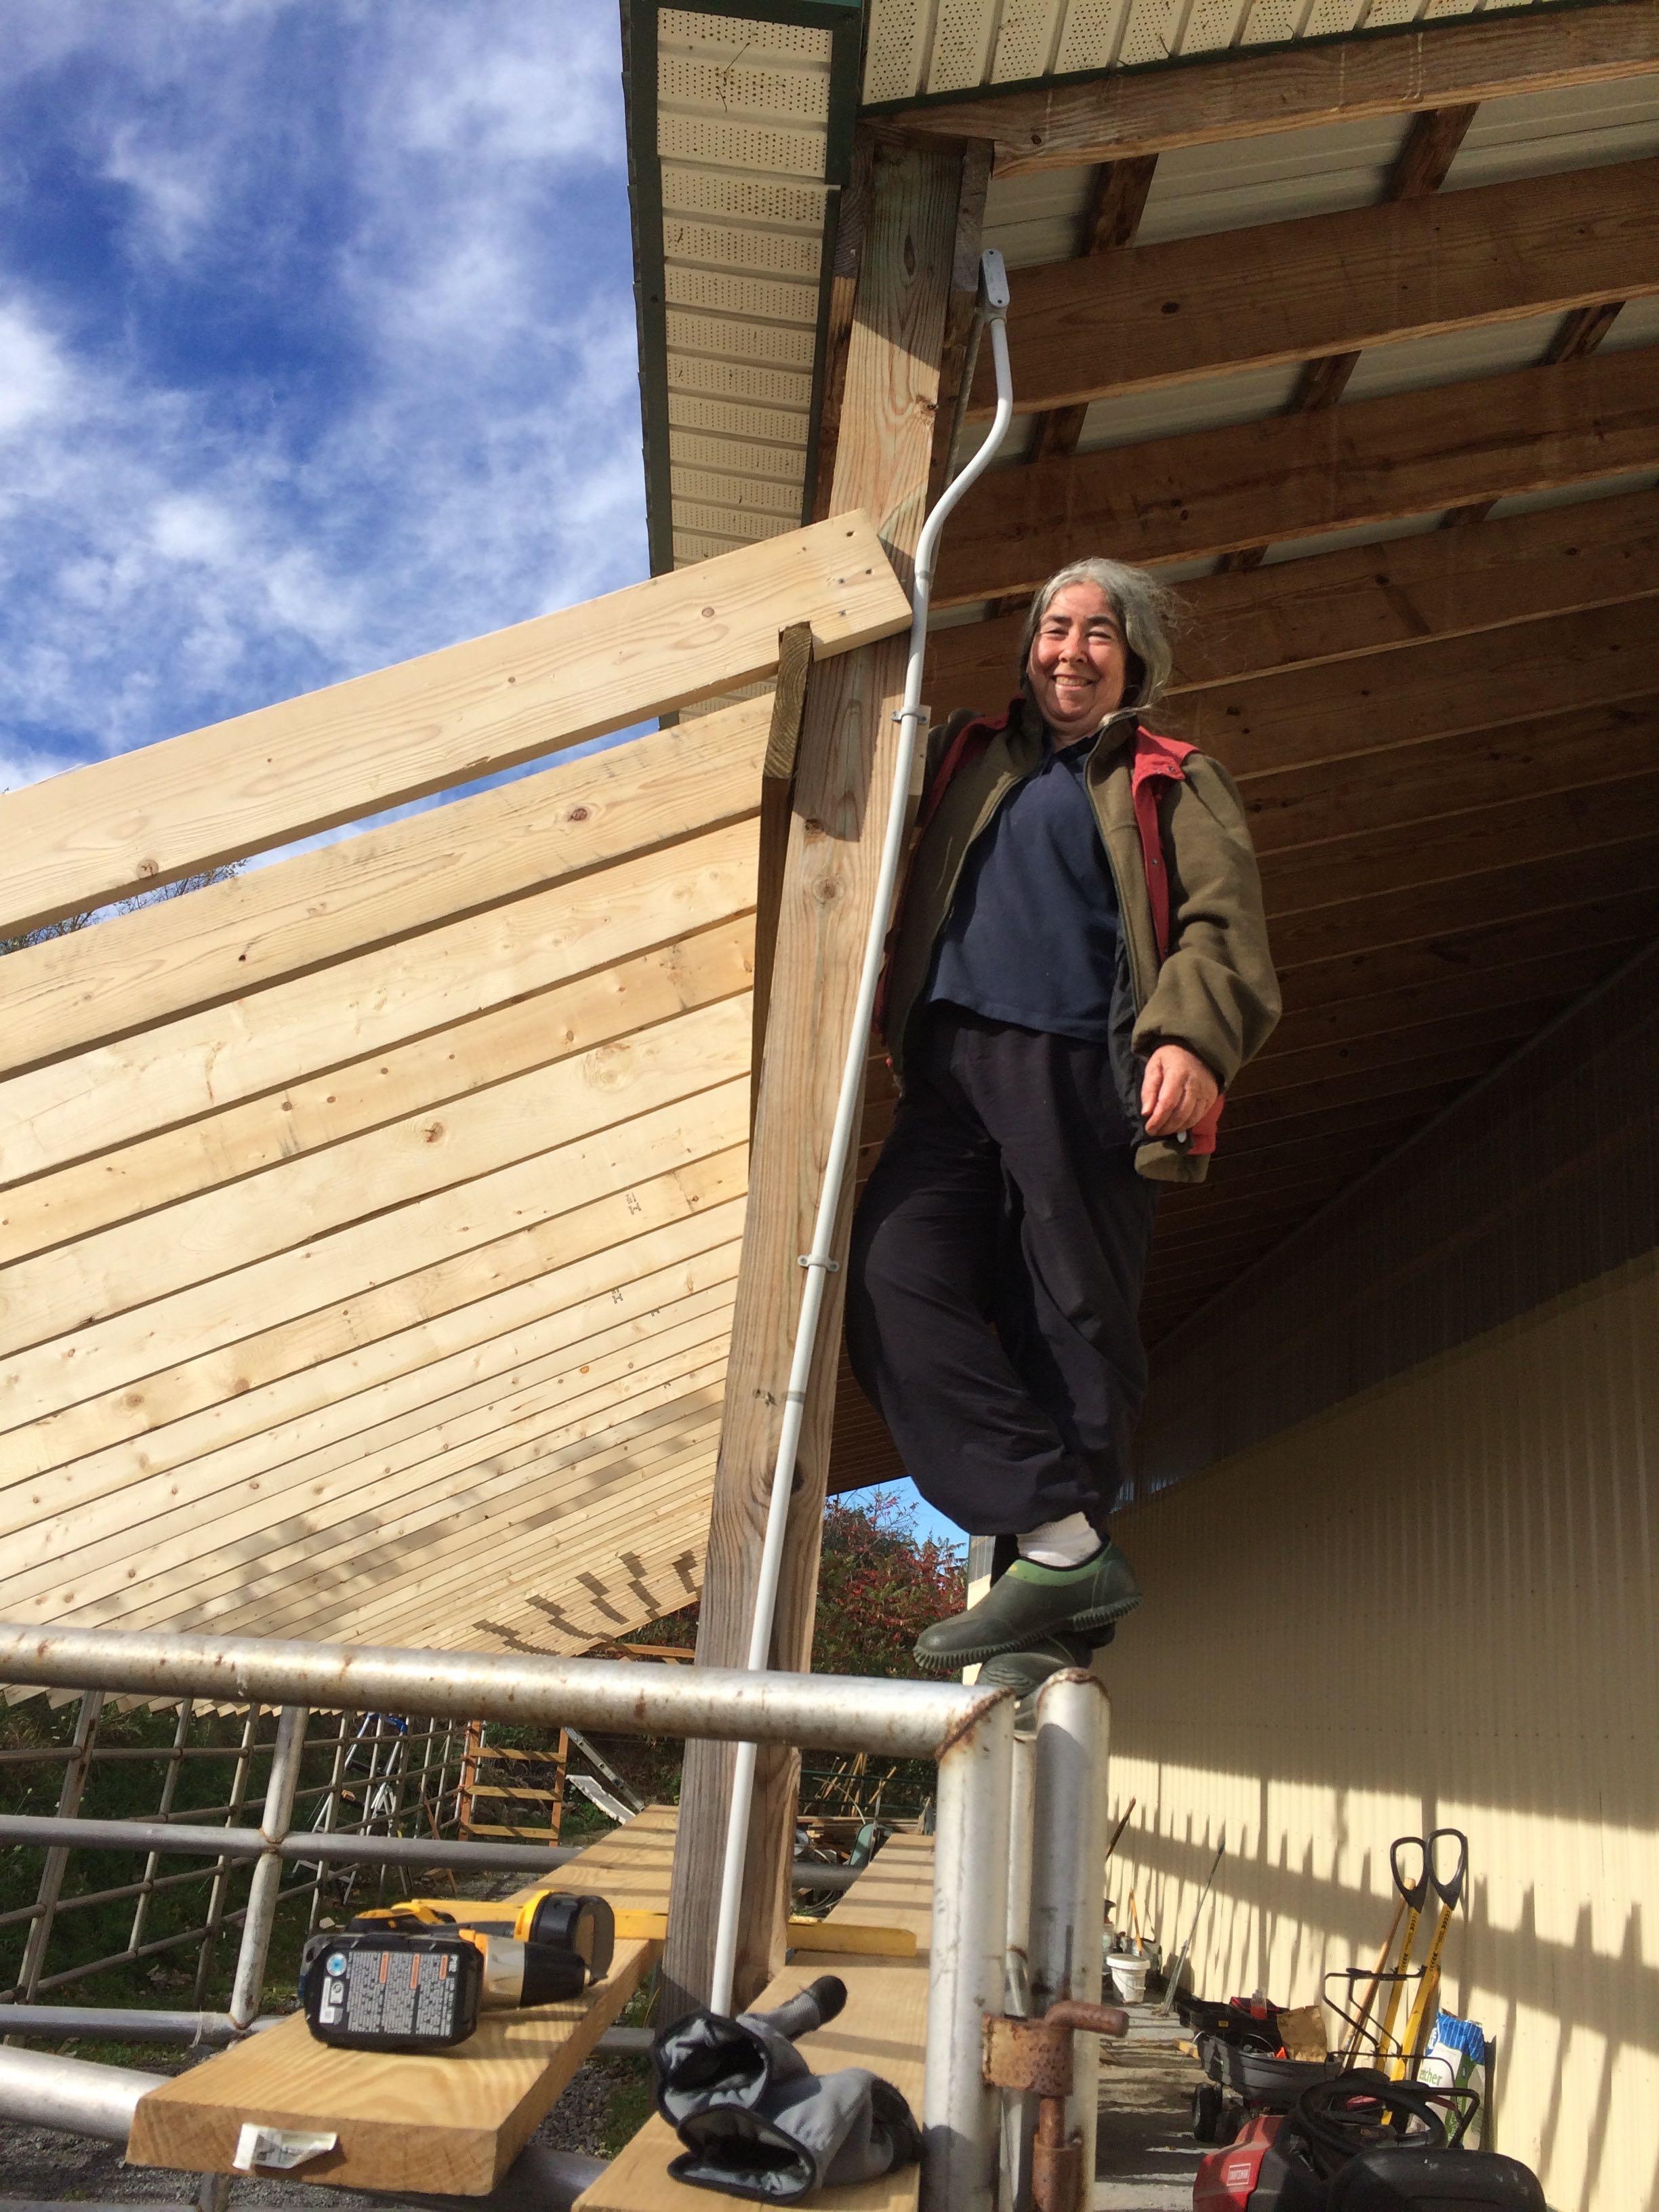 IMG_3871 AK on scaffolding of goat palace